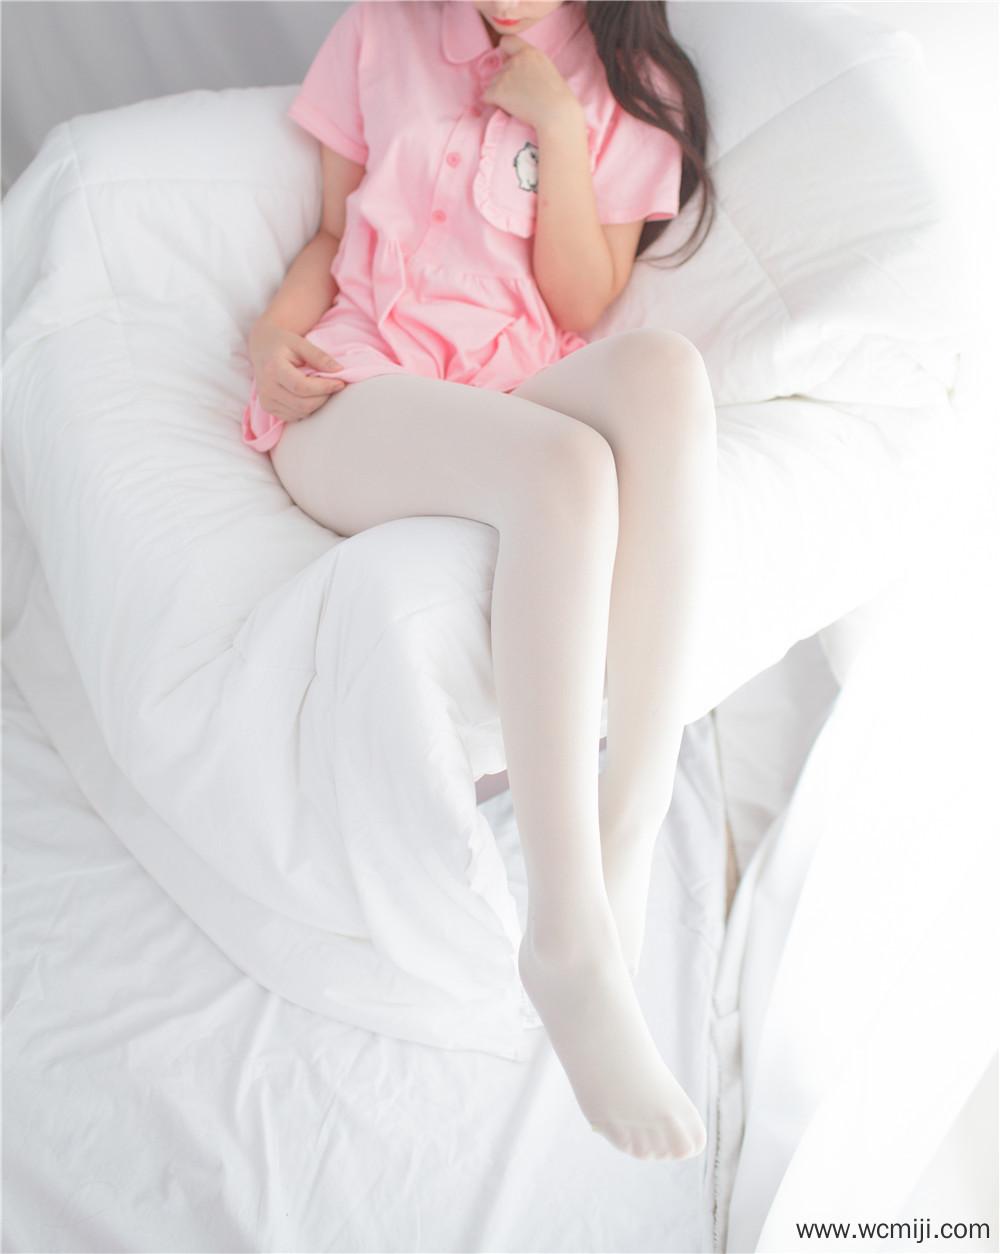 【私拍】【萝莉】软软的萝莉白丝玉足沙发私房照【36P】 X丝玉足